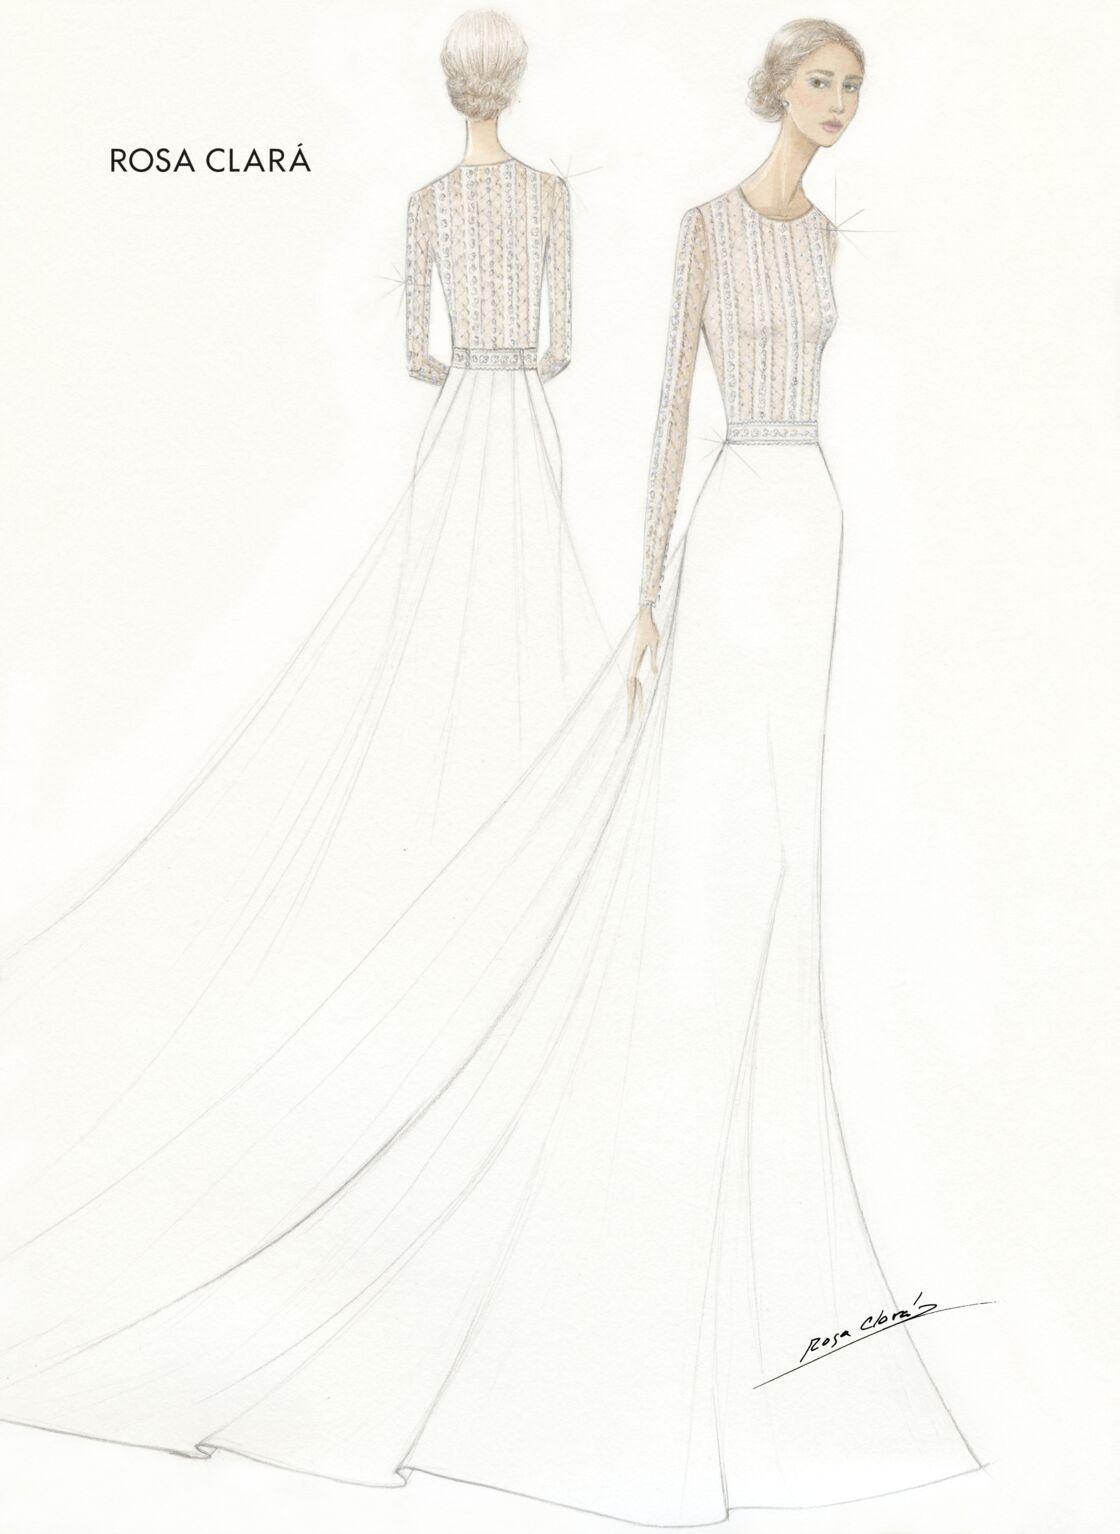 PHOTO \u2013 Mariage de Rafael Nadal  découvrez la divine robe